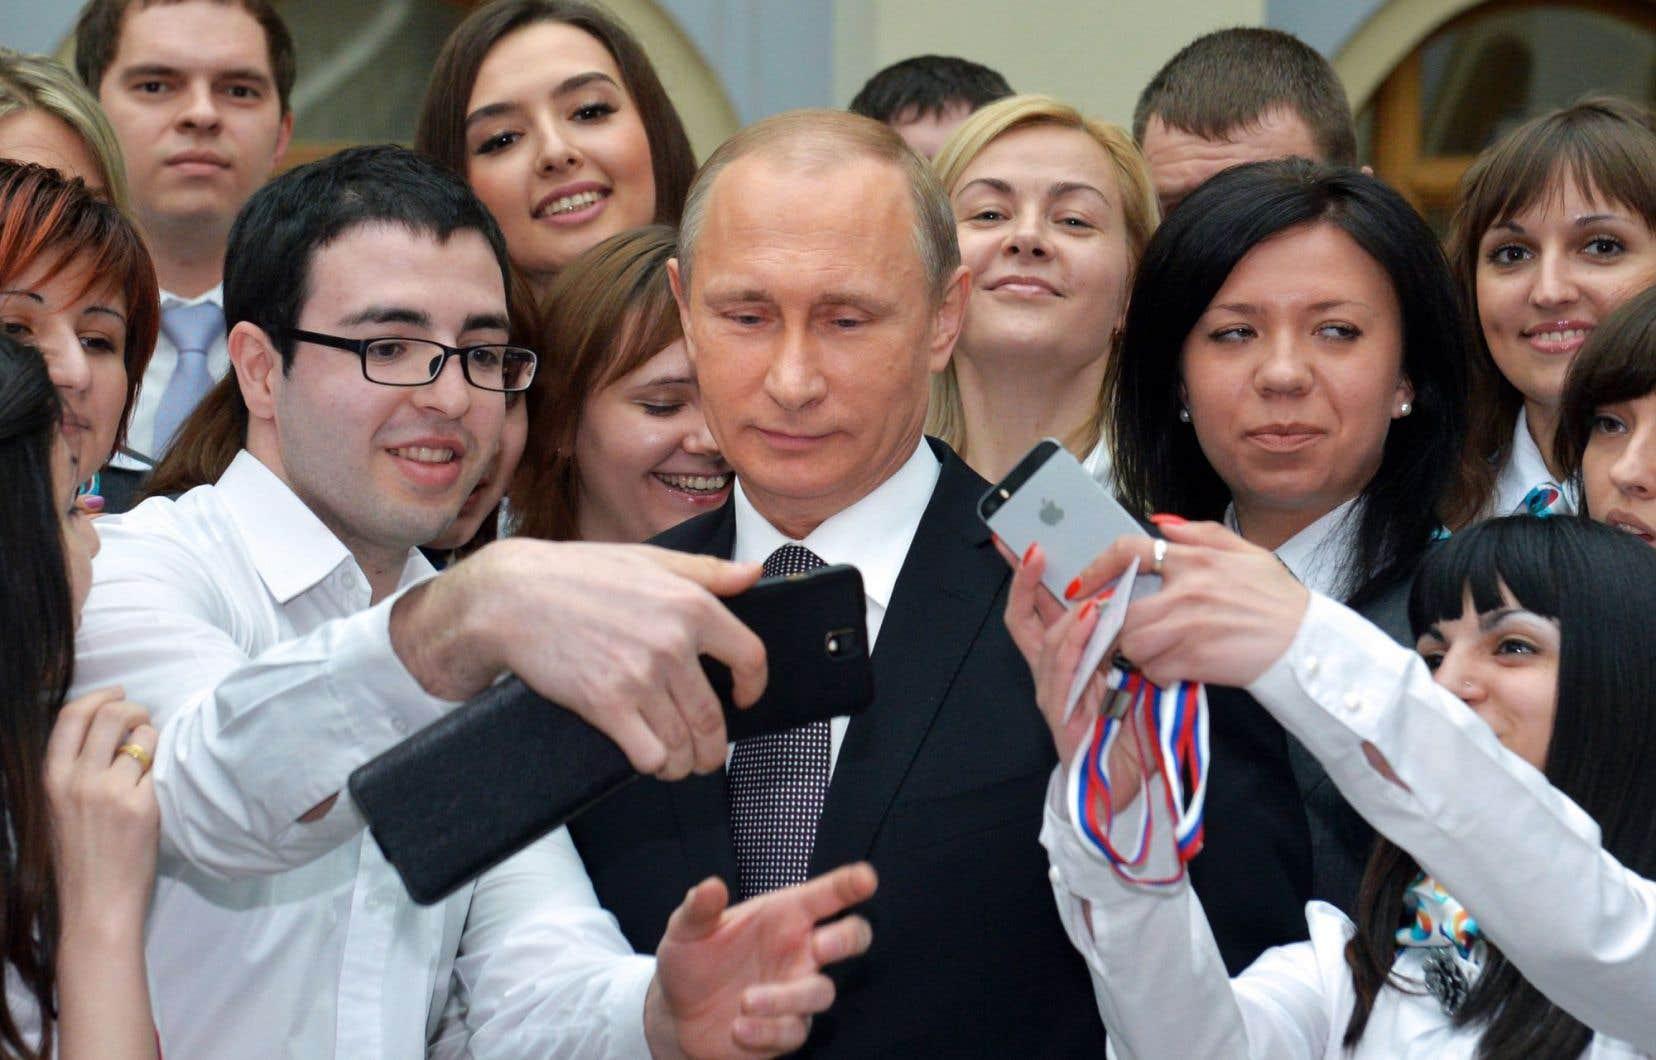 La cote de sympathie de Vladimir Poutine est retombée à 29%, son niveau en 2000.